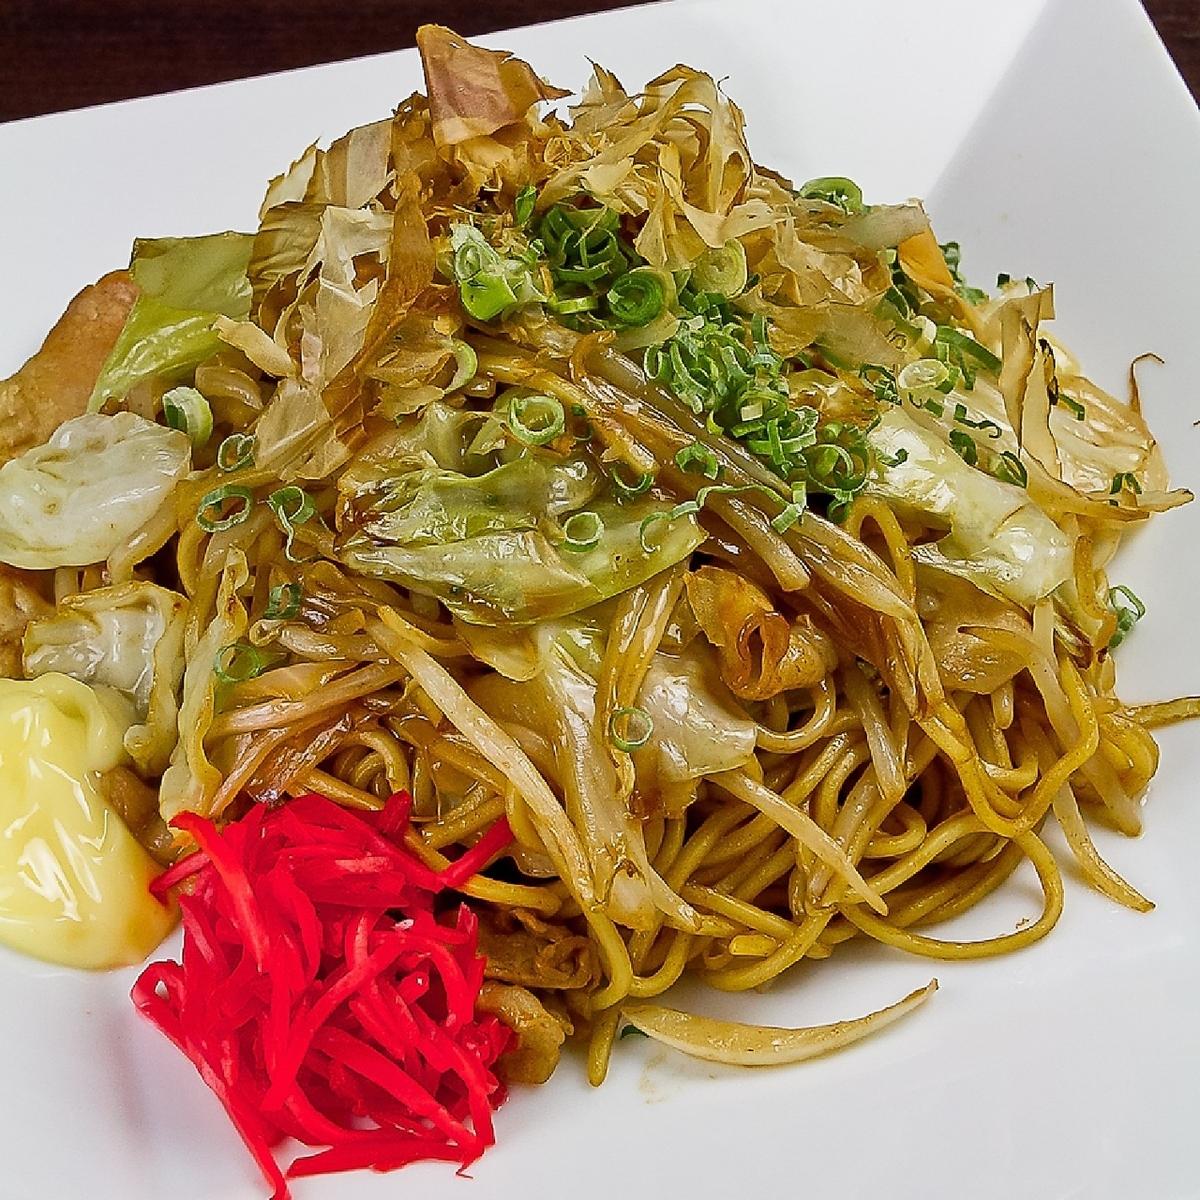 Delicious sauce fried noodles